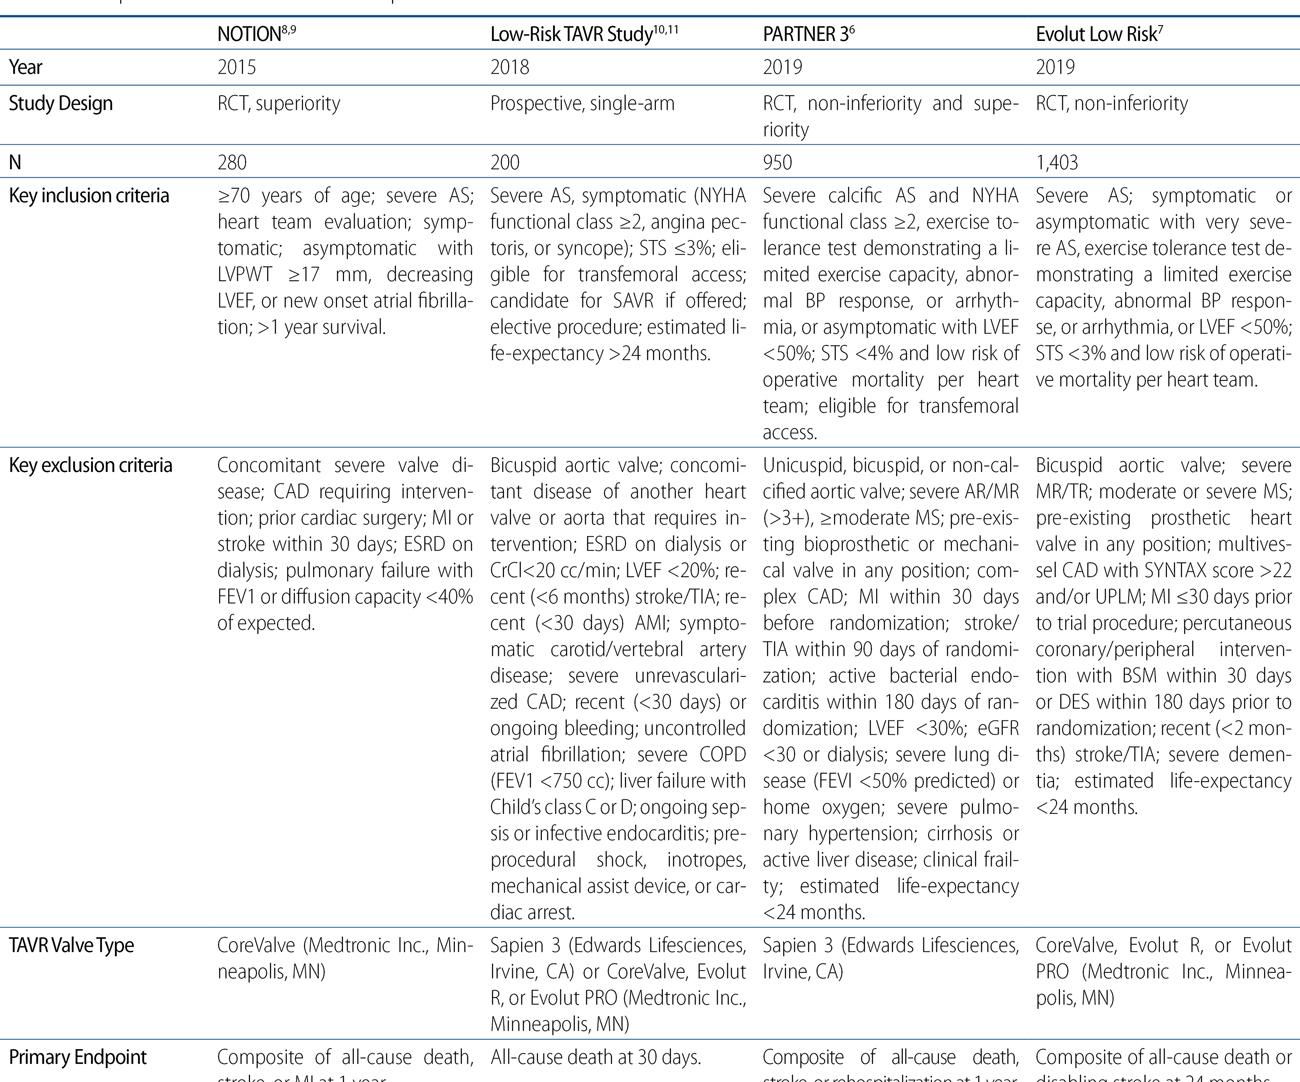 Reemplazo percutáneo de válvula aórtica en pacientes de bajo riesgo